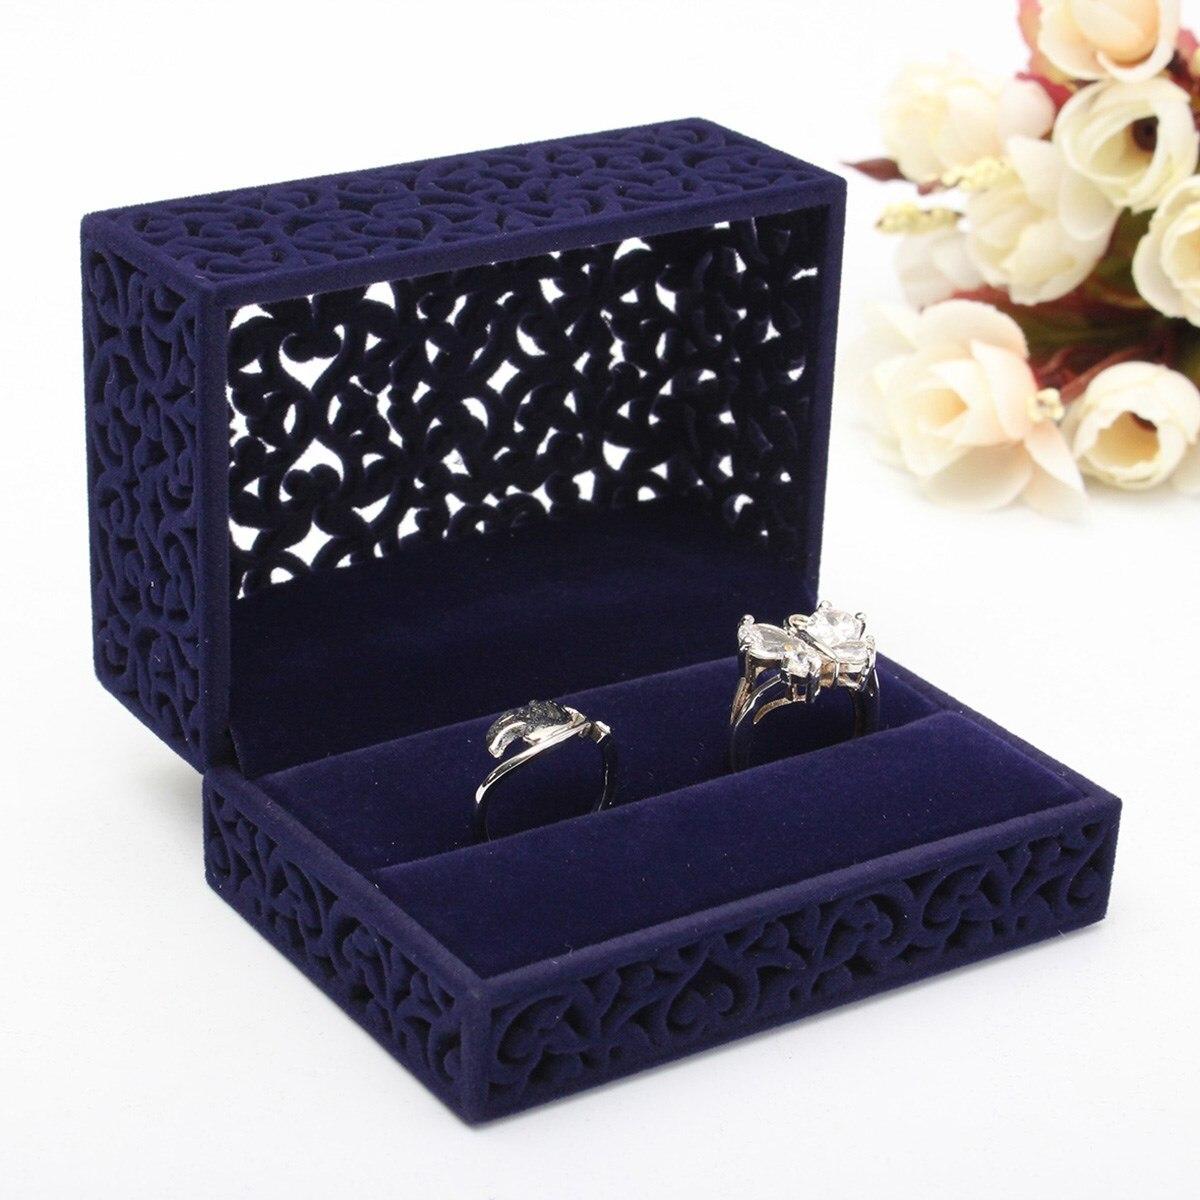 New fashion velvet flock double ring box hollow navy blue for Ring case